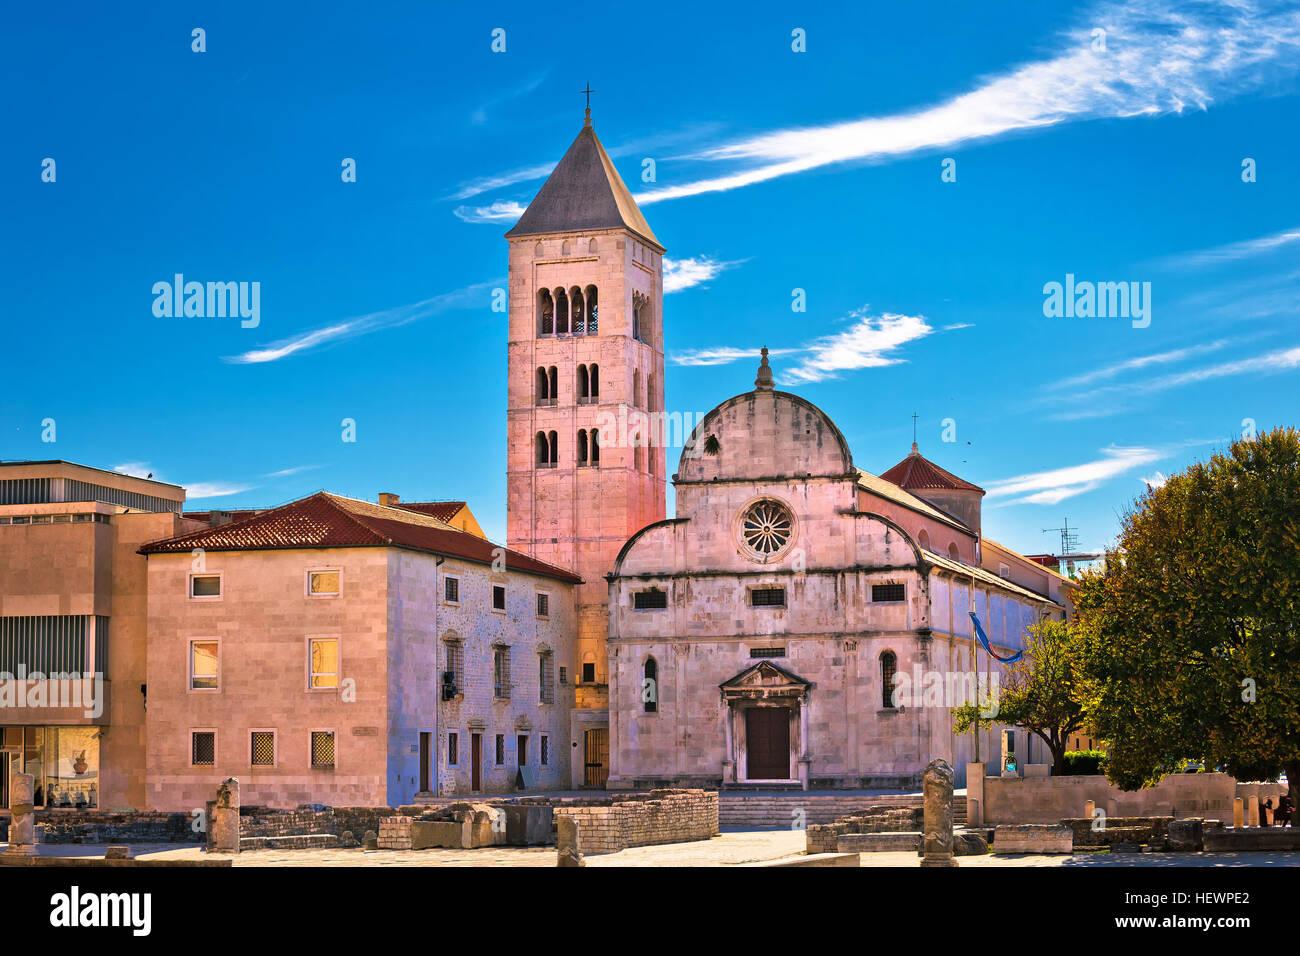 Zadar histórica iglesia romana y artefactos en la plaza Vieja, Dalmacia, Croacia Imagen De Stock